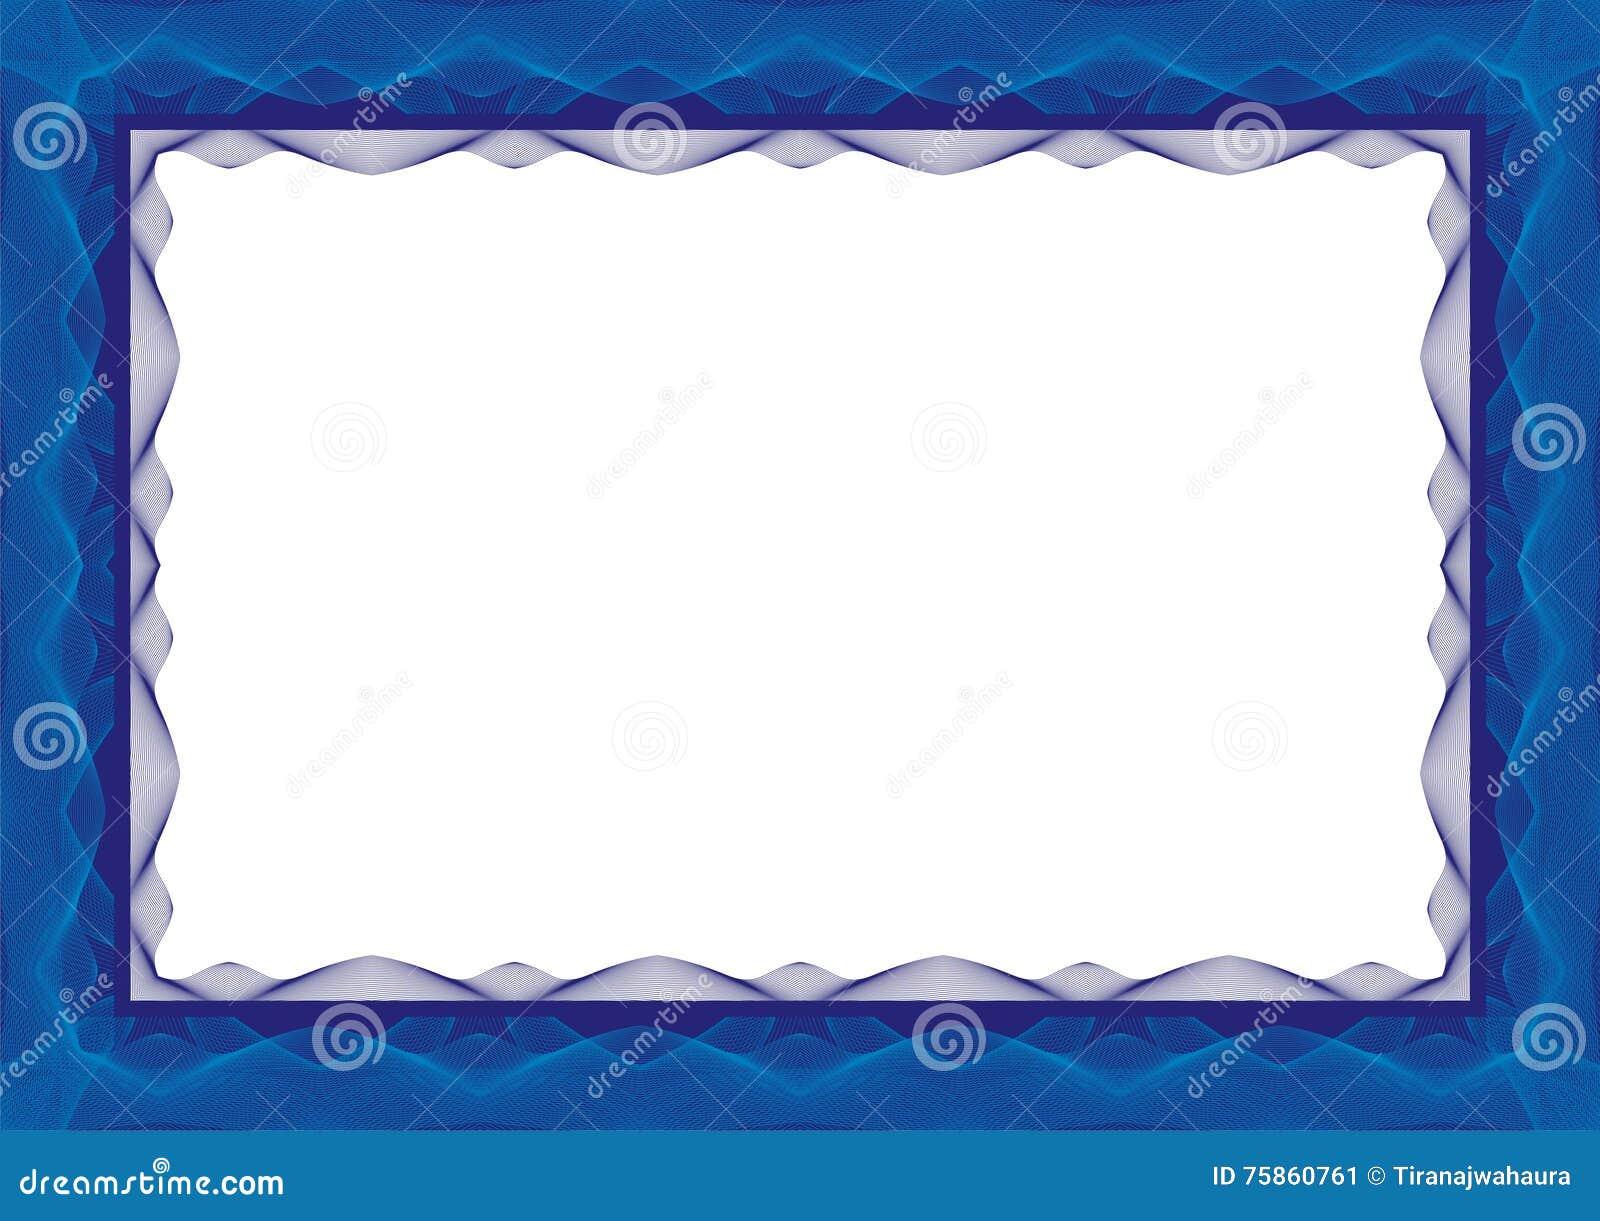 Marco Azul De La Plantilla Del Certificado O Del Diploma - Frontera ...